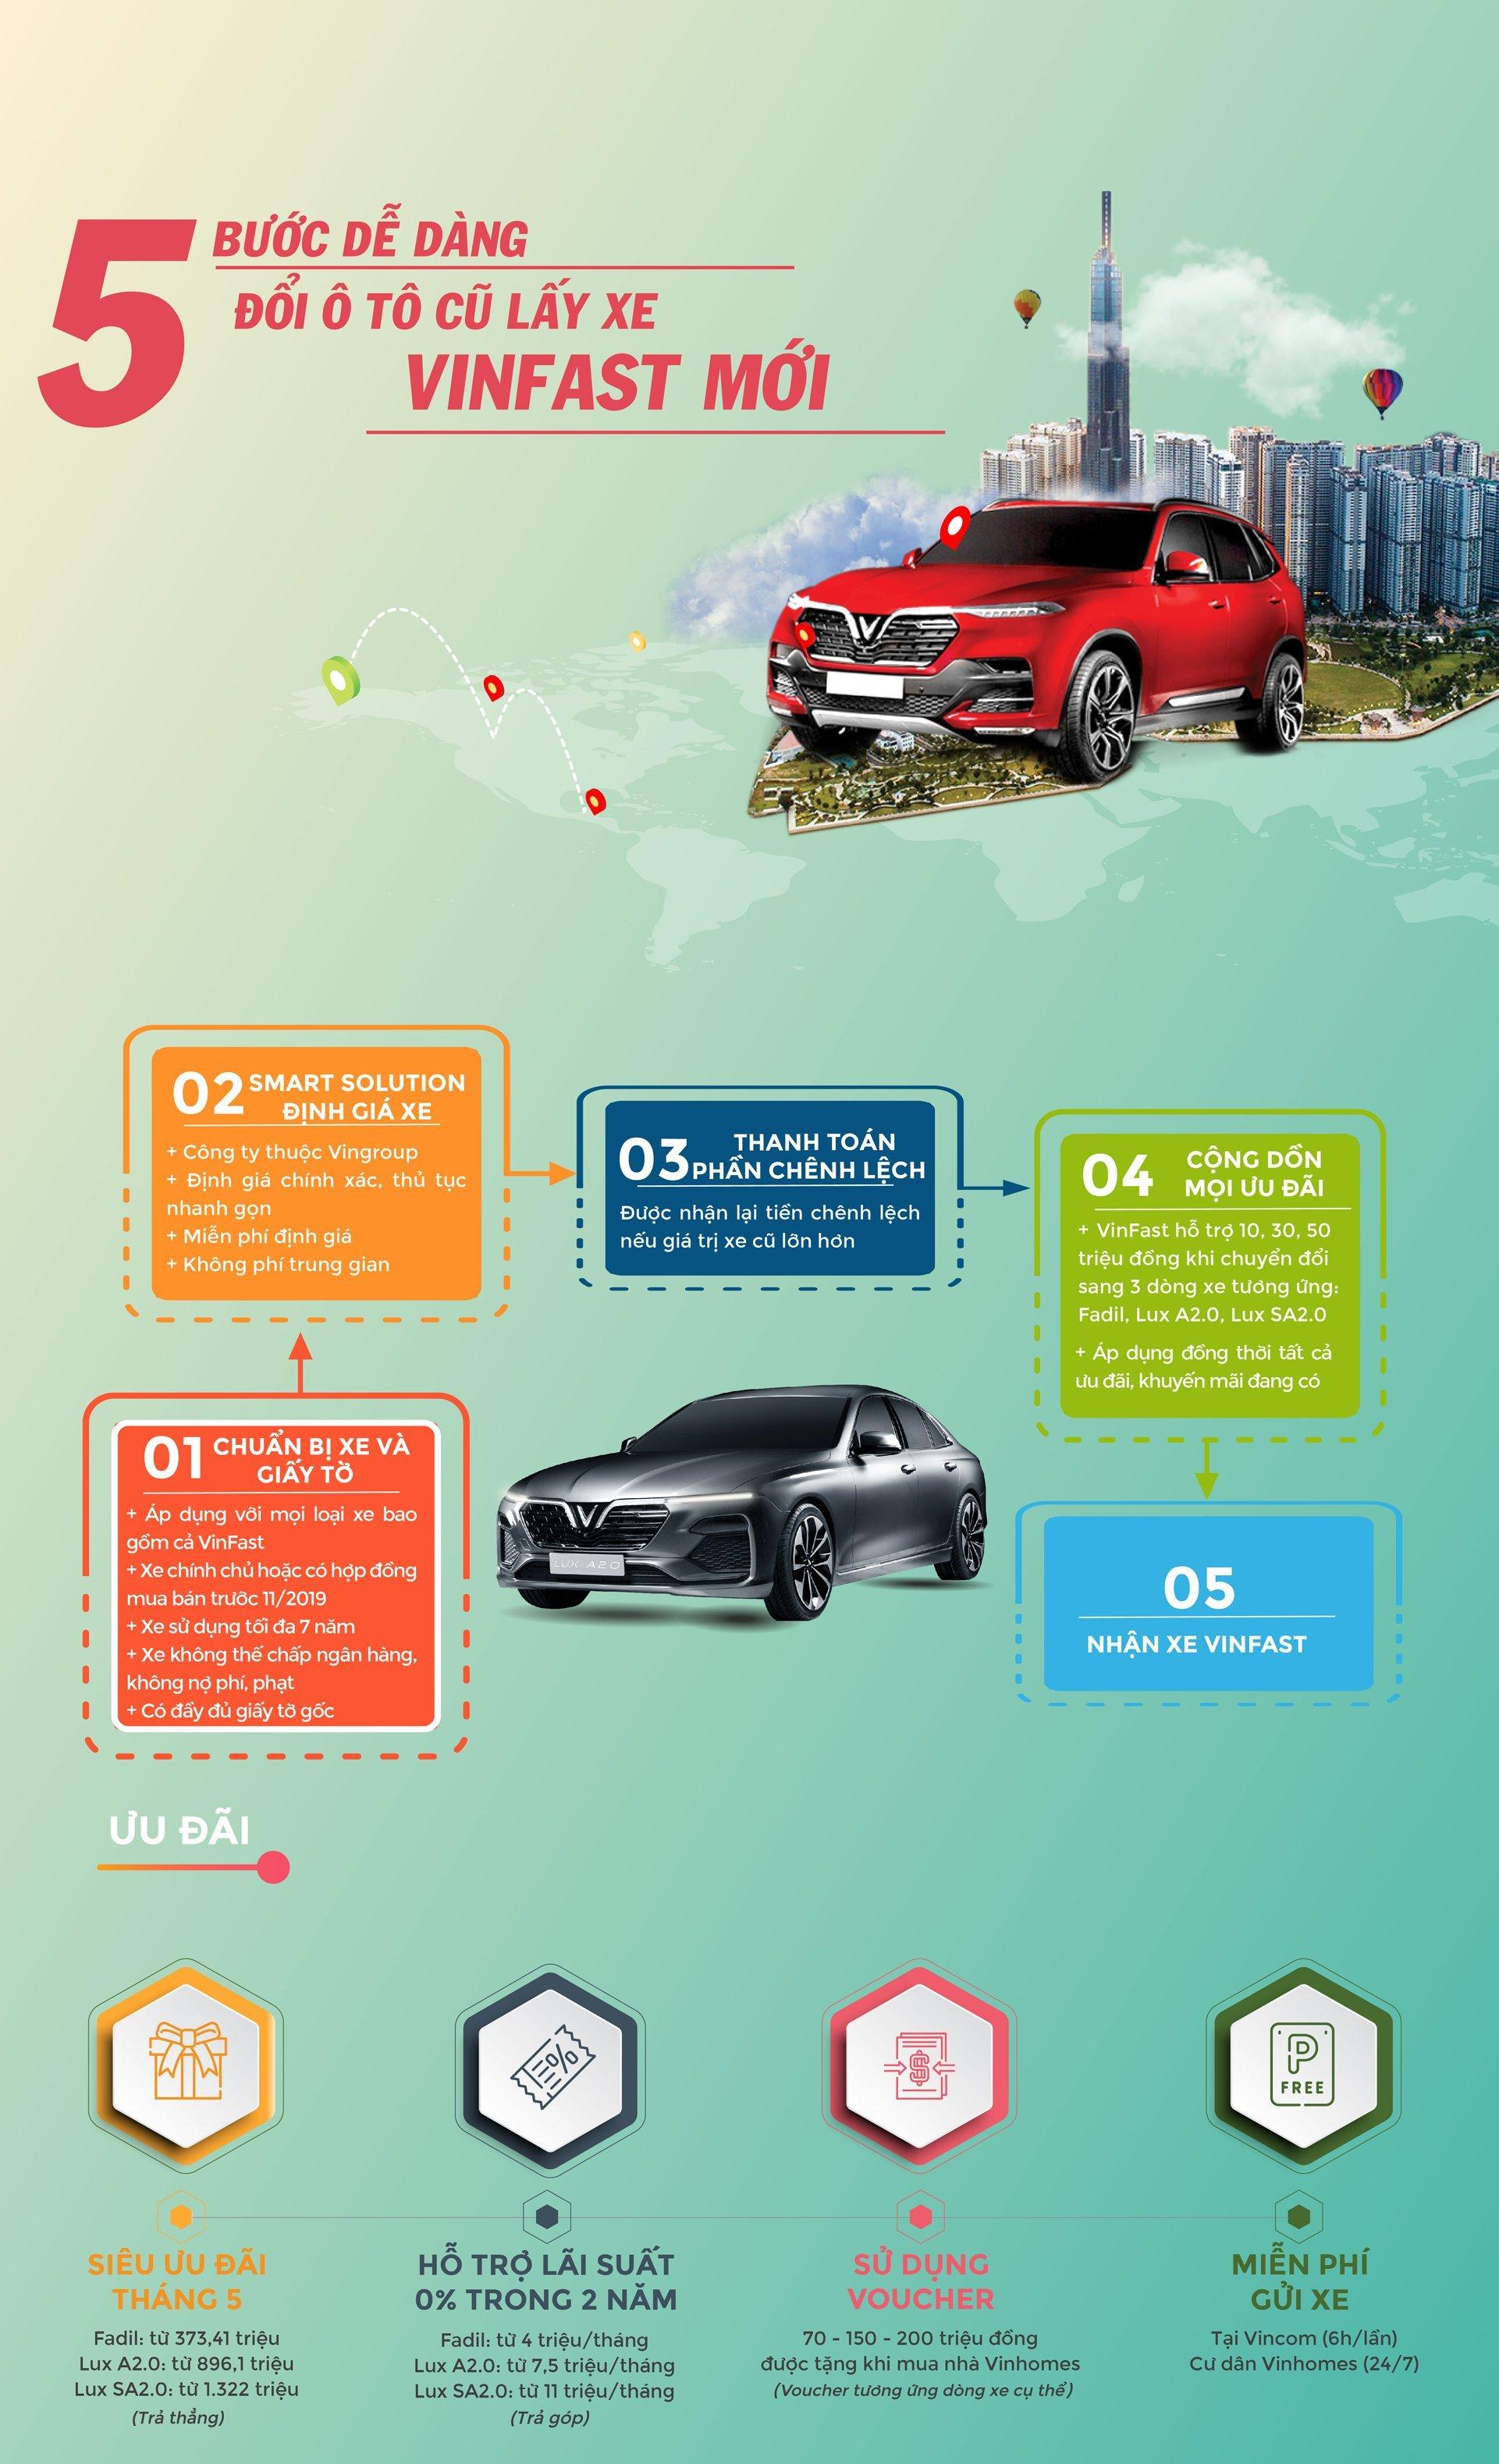 Làm thế nào để đổi xe cũ lấy ô tô VinFast?